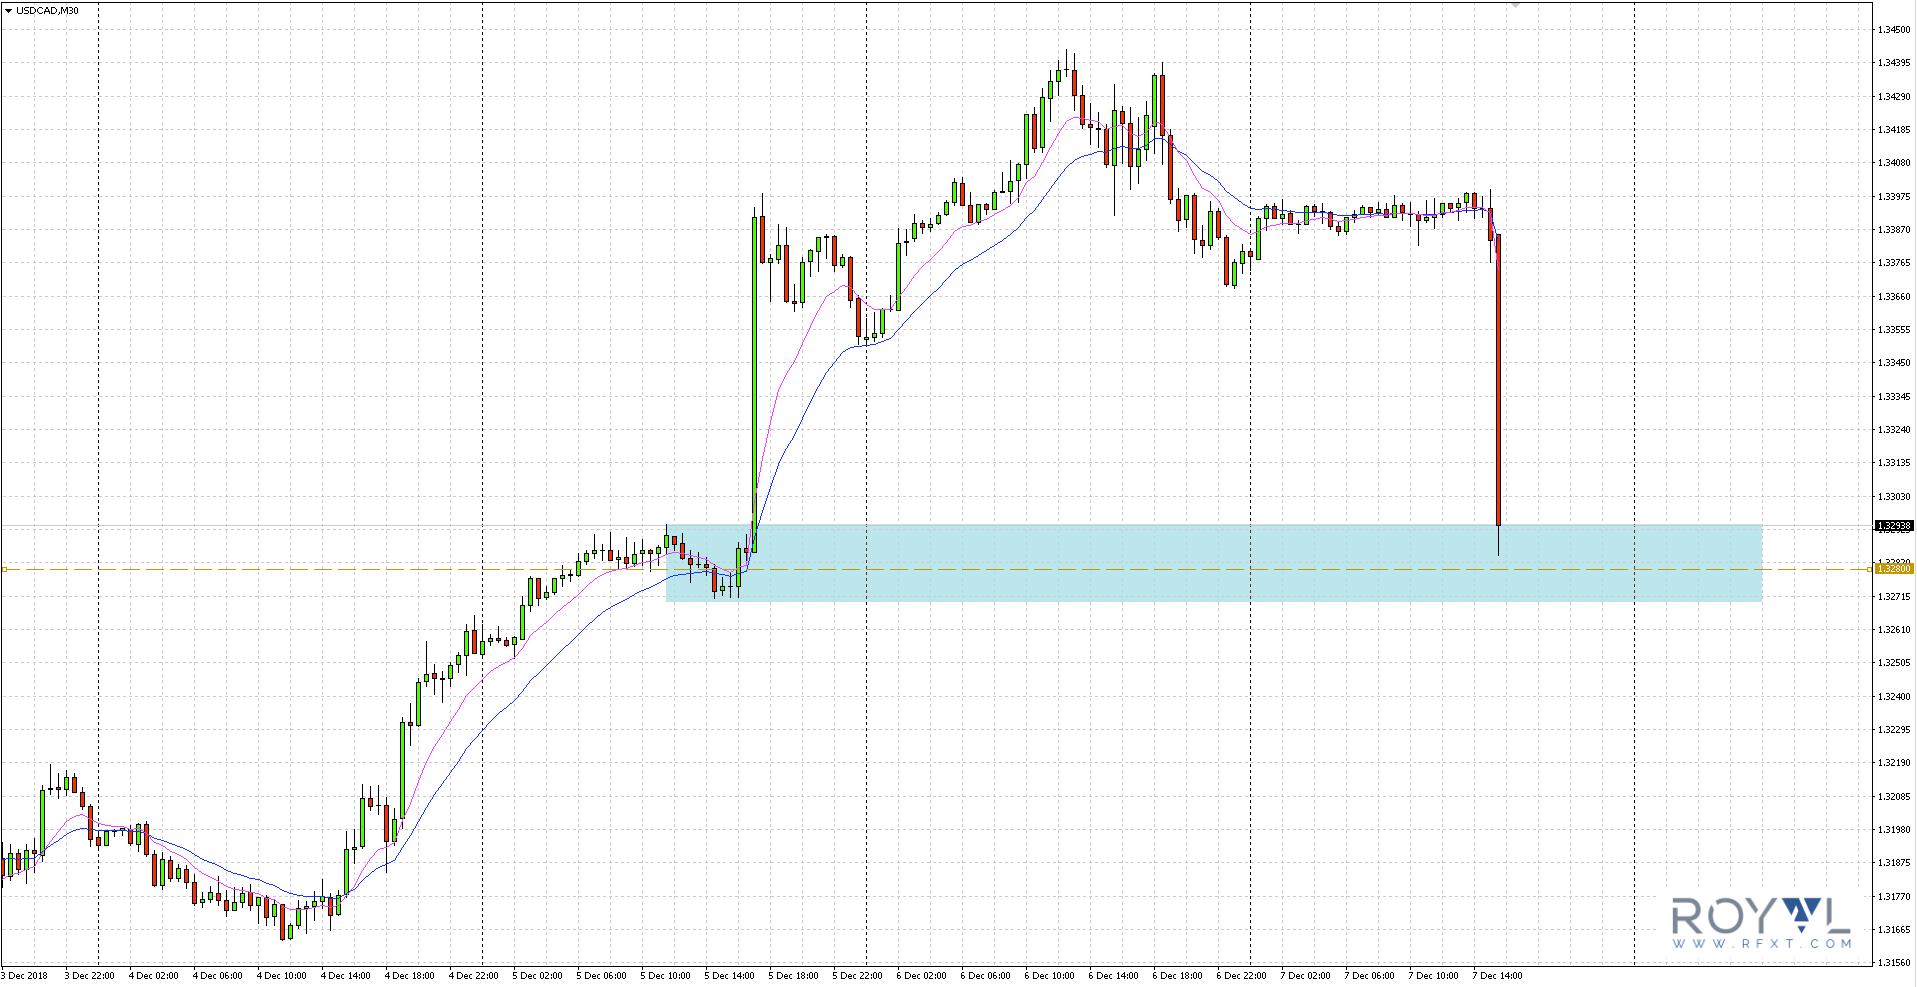 Jak widać na wykresie 30-minutowym poniżej, jej notowania dotarły do bazy utworzonej w trakcie środowej sesji w obrębie poziomu 1.3280.